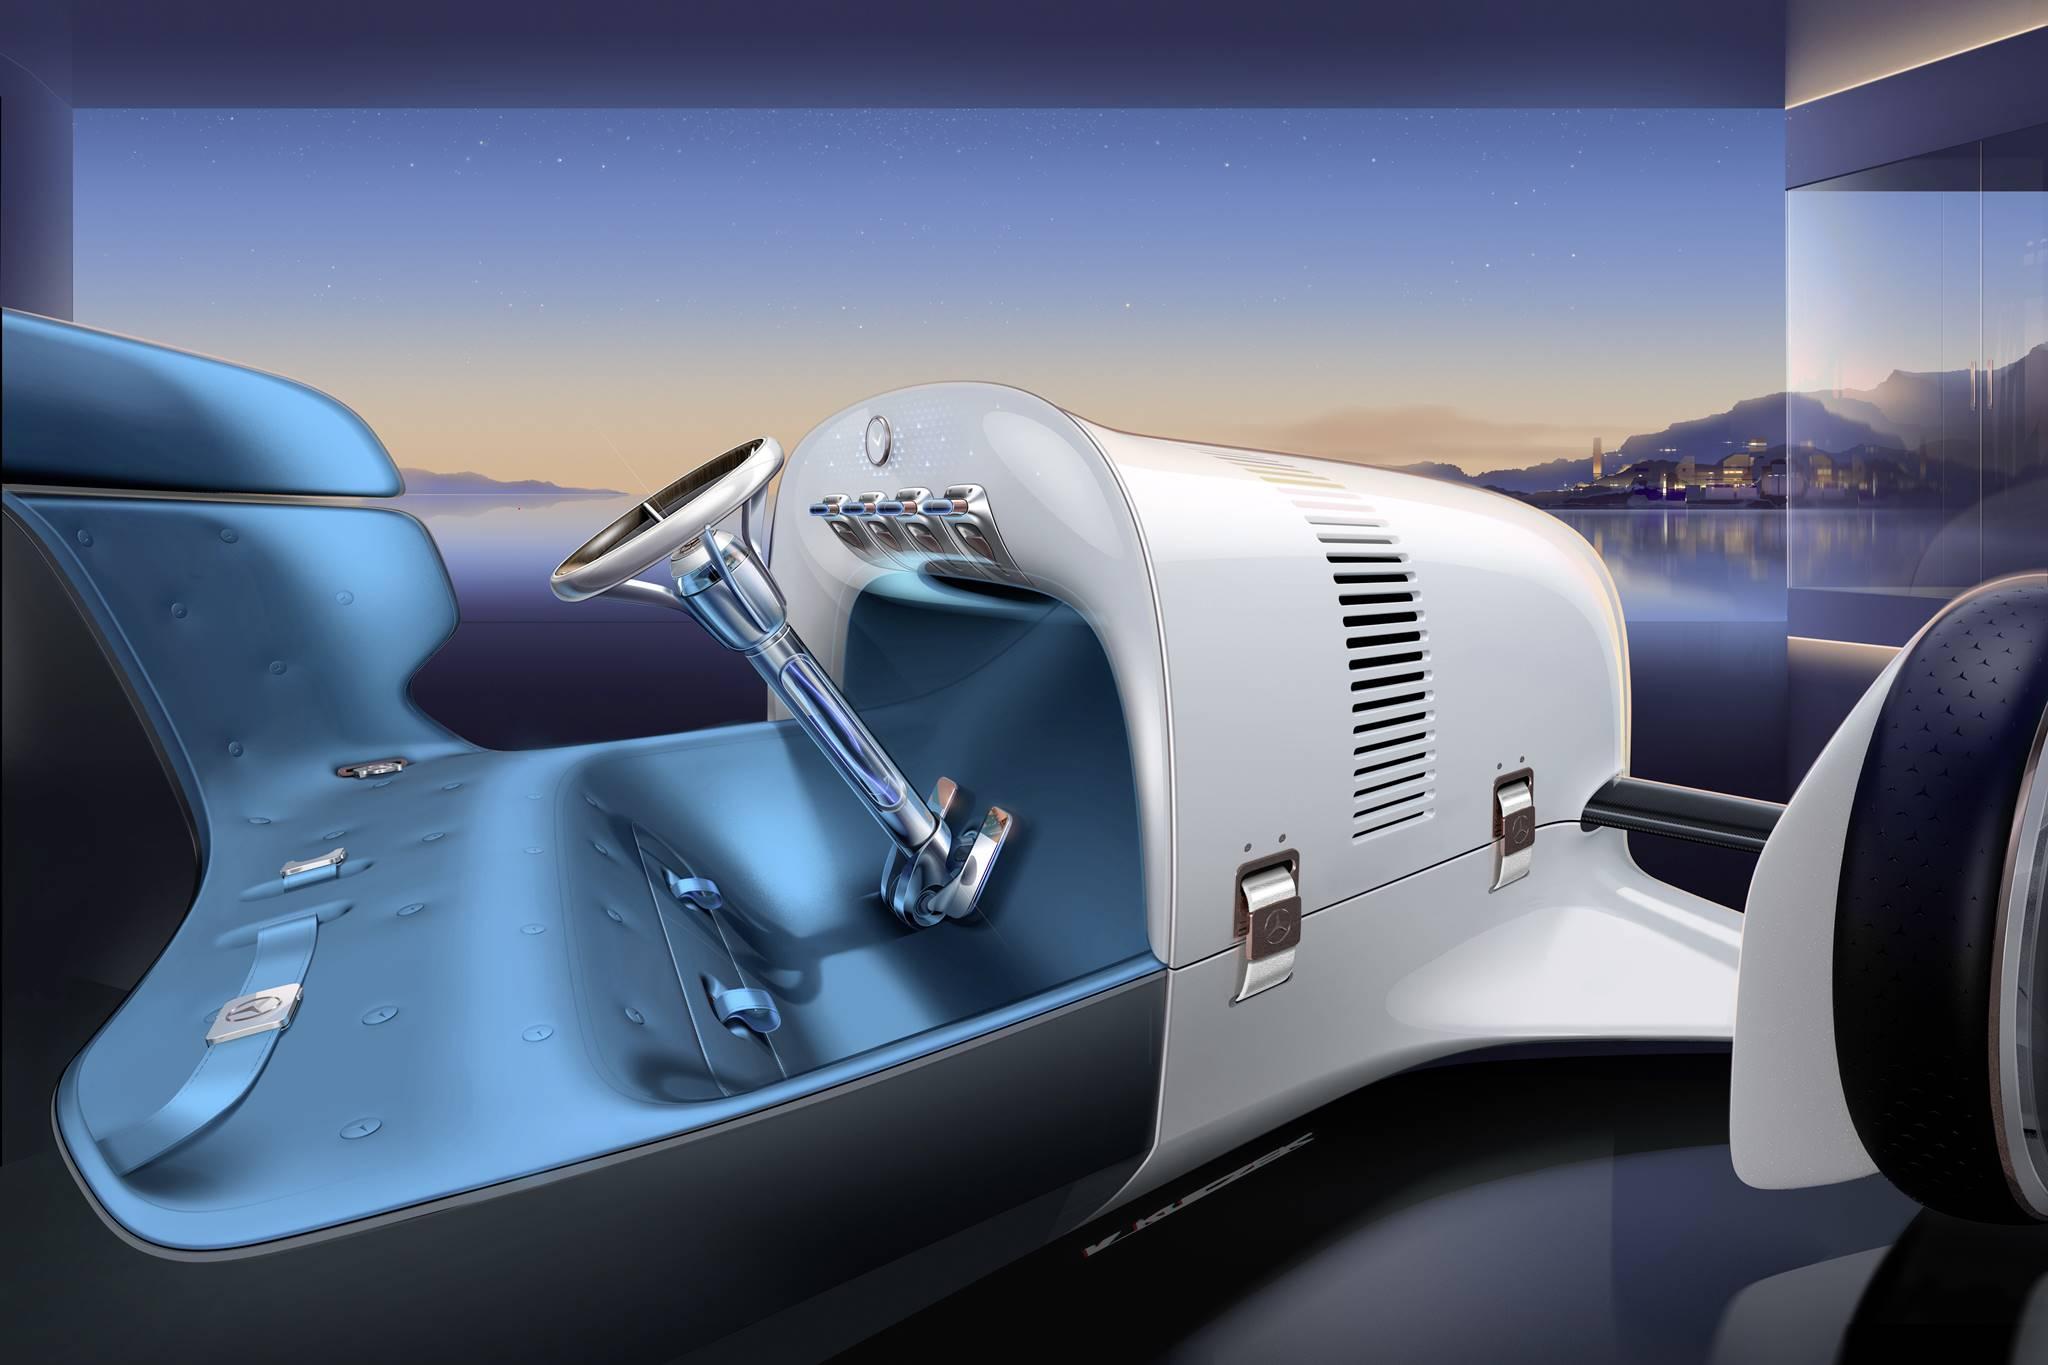 Mercedes-Benz trình làng concept xe tương lai mới có thiết kế hoài cổ-6